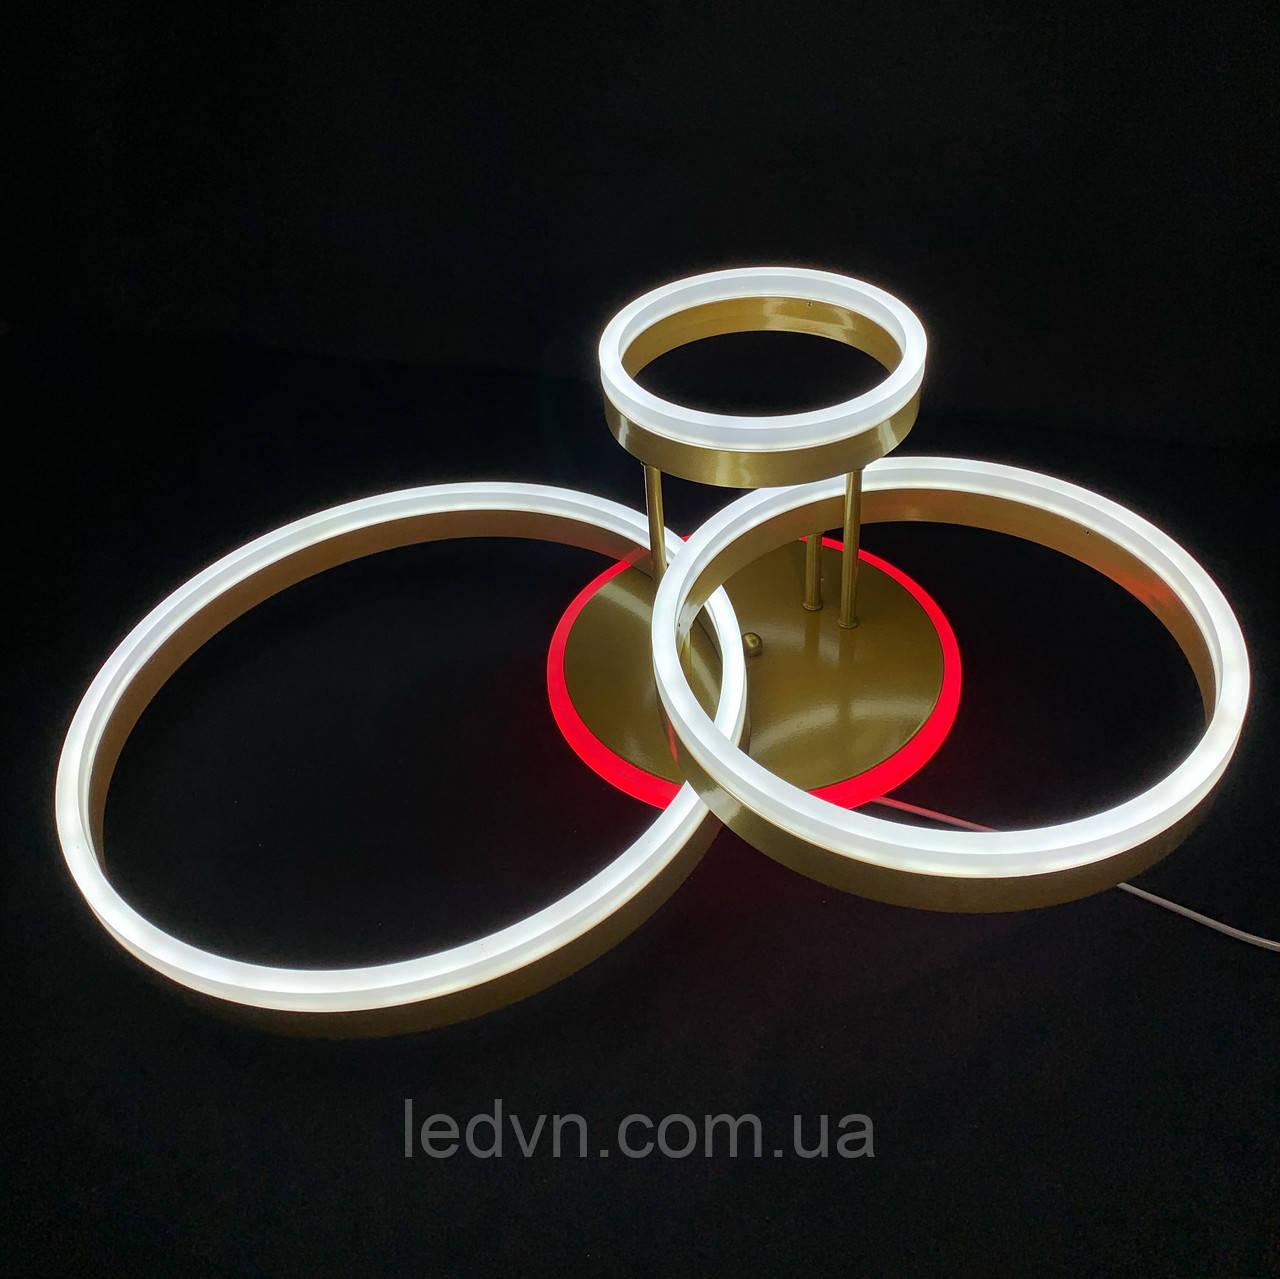 Потолочная светодиодная люстра на три кольца золото 90 вт